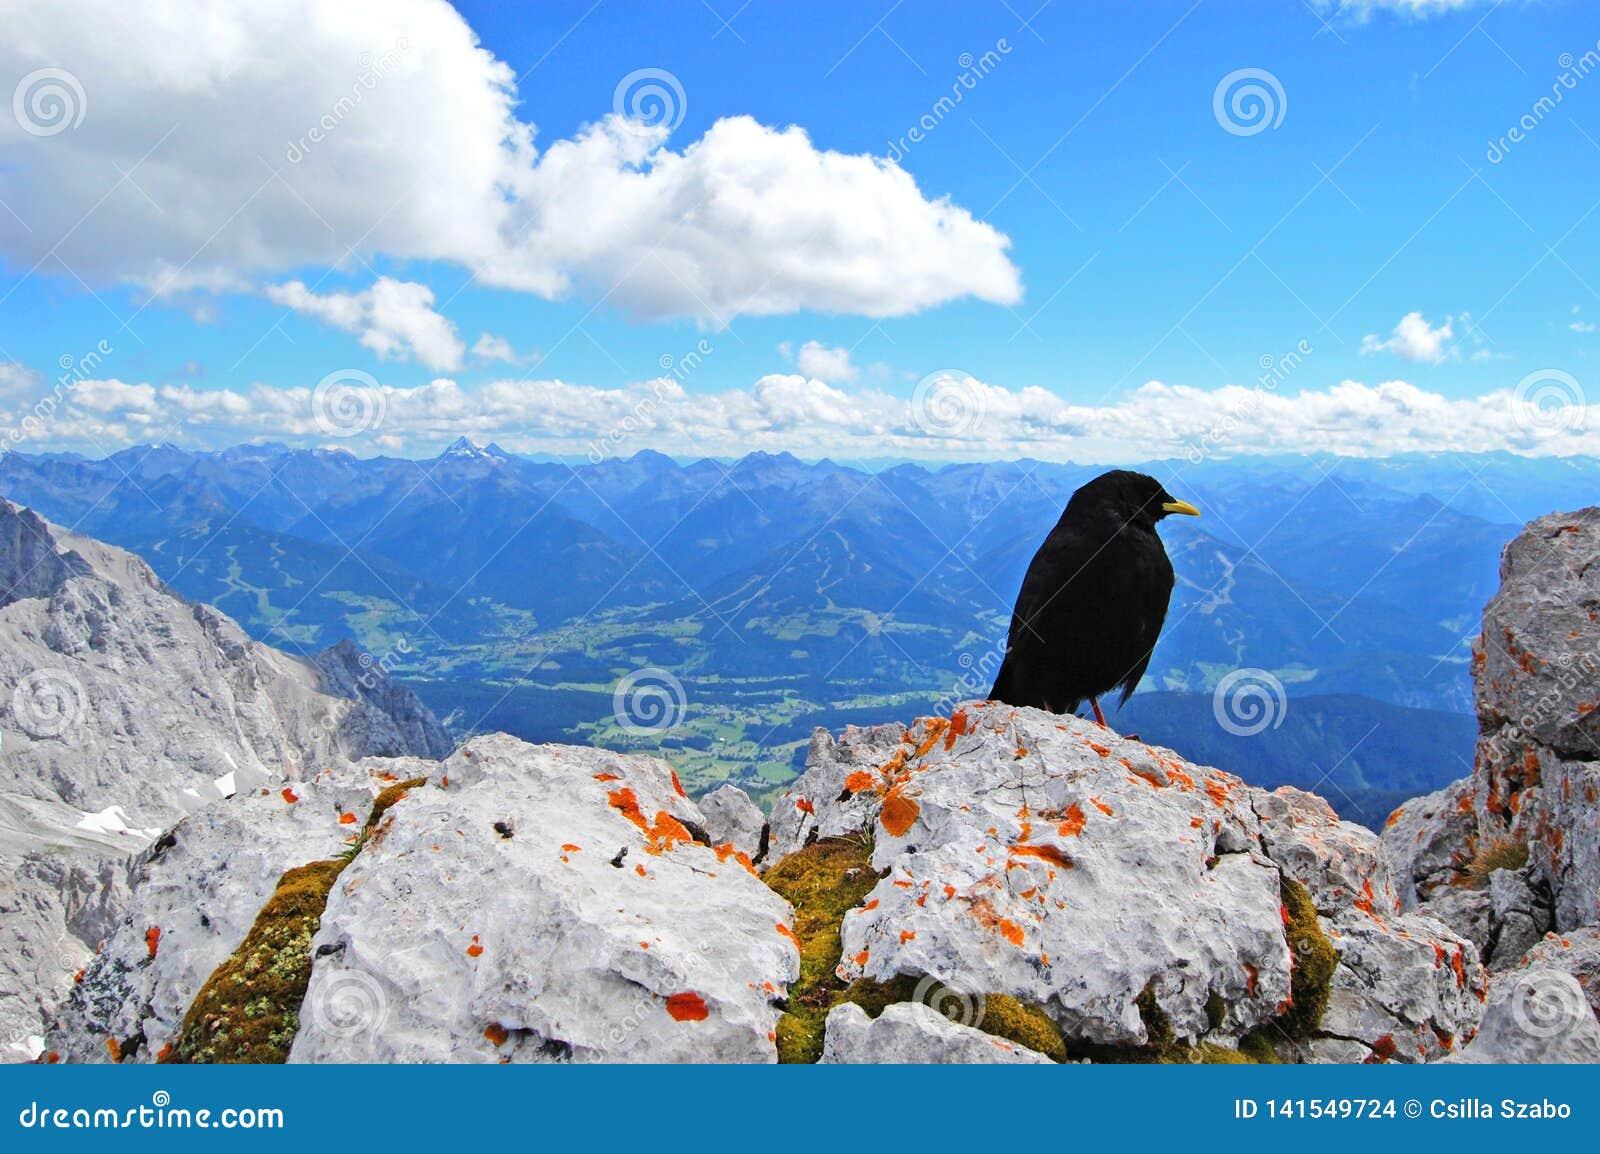 De zwarte vogel bovenop de wereld, schoonheid van aard, blauw alpien landschap, blauwe hemel, sneeuw behandelde bergpieken